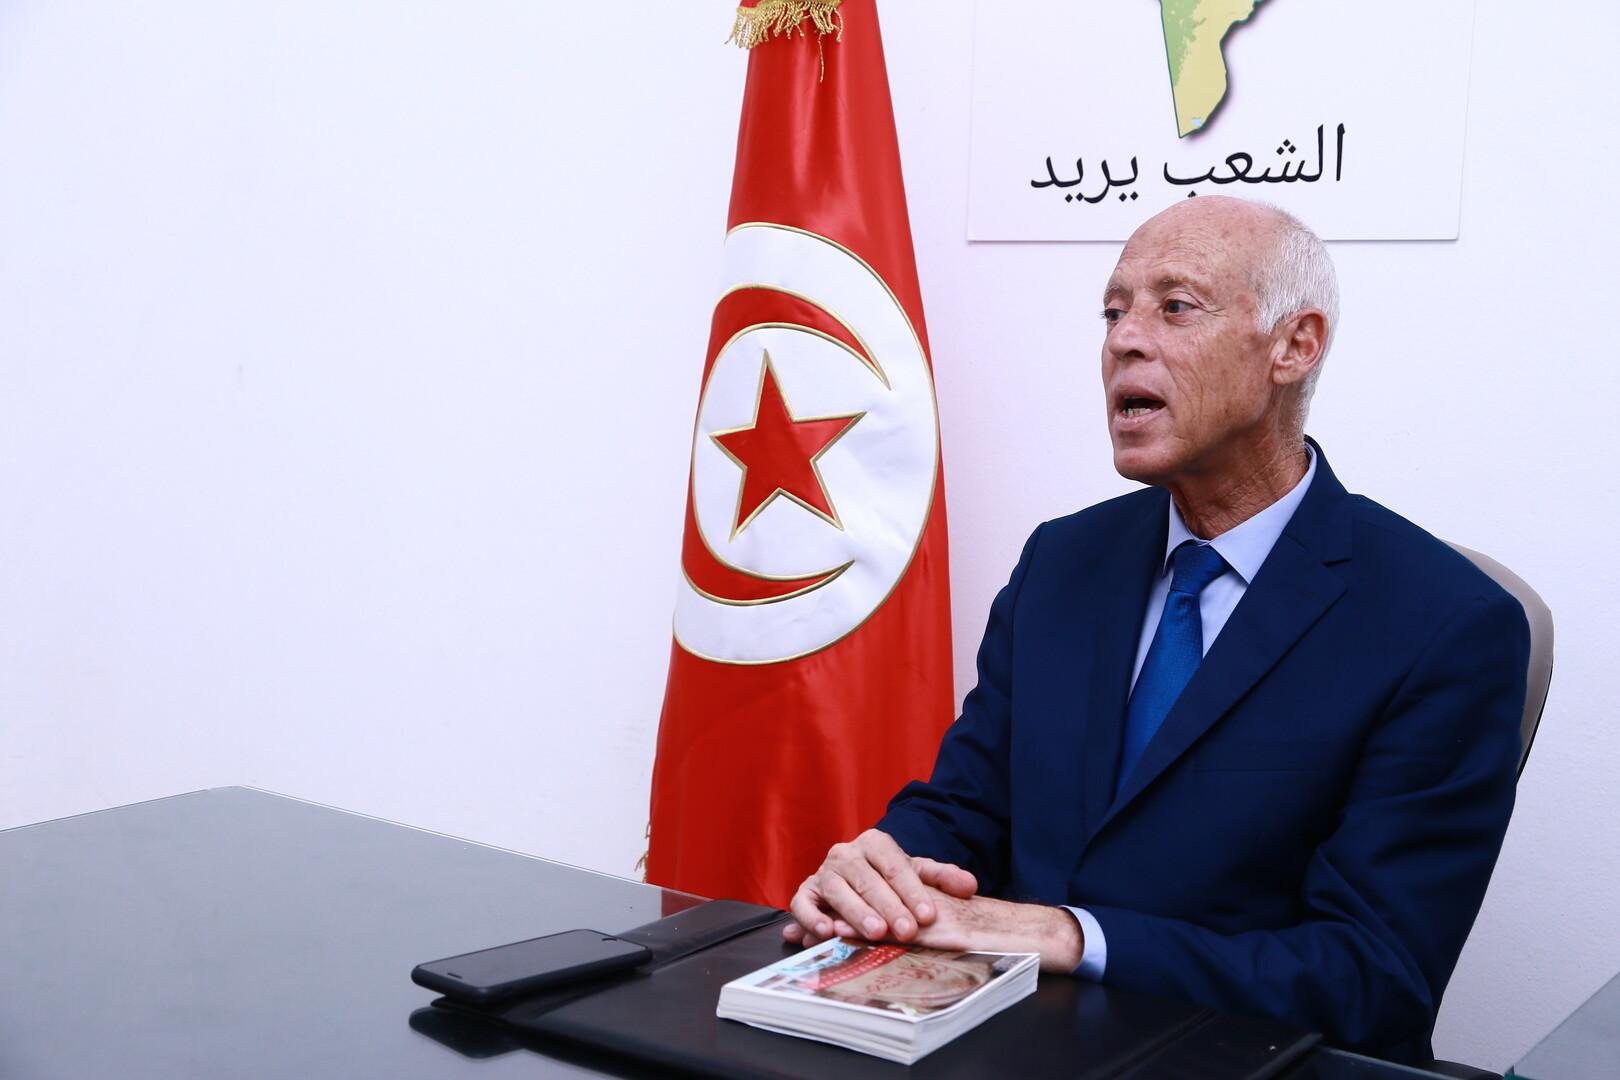 المرشح المتصدر لنتائج الدور الأول للانتخابات الرئاسية التونسية قيس سعيد